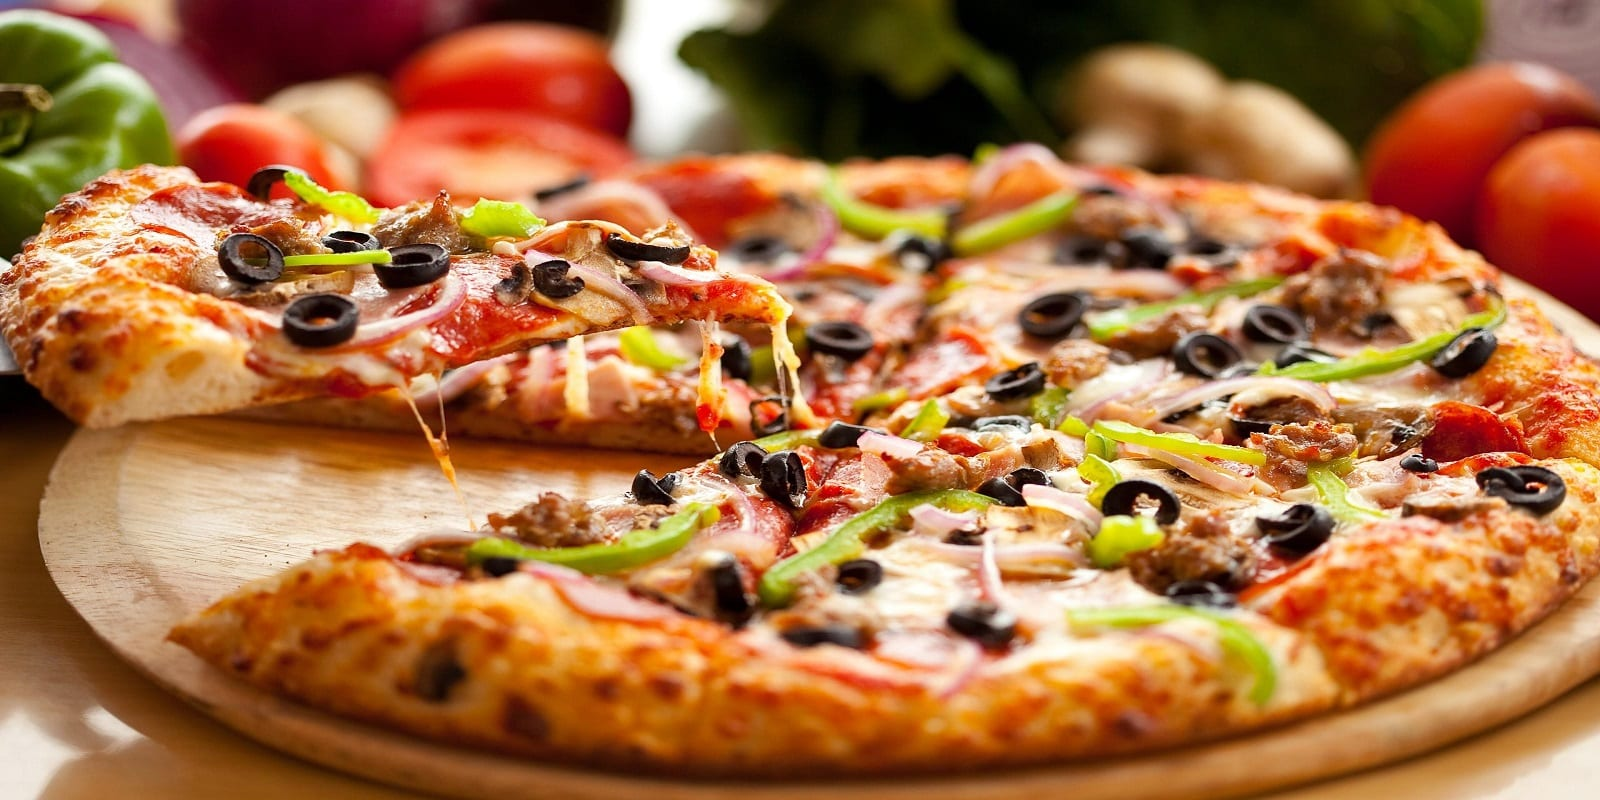 40825_food_pizza_1477172